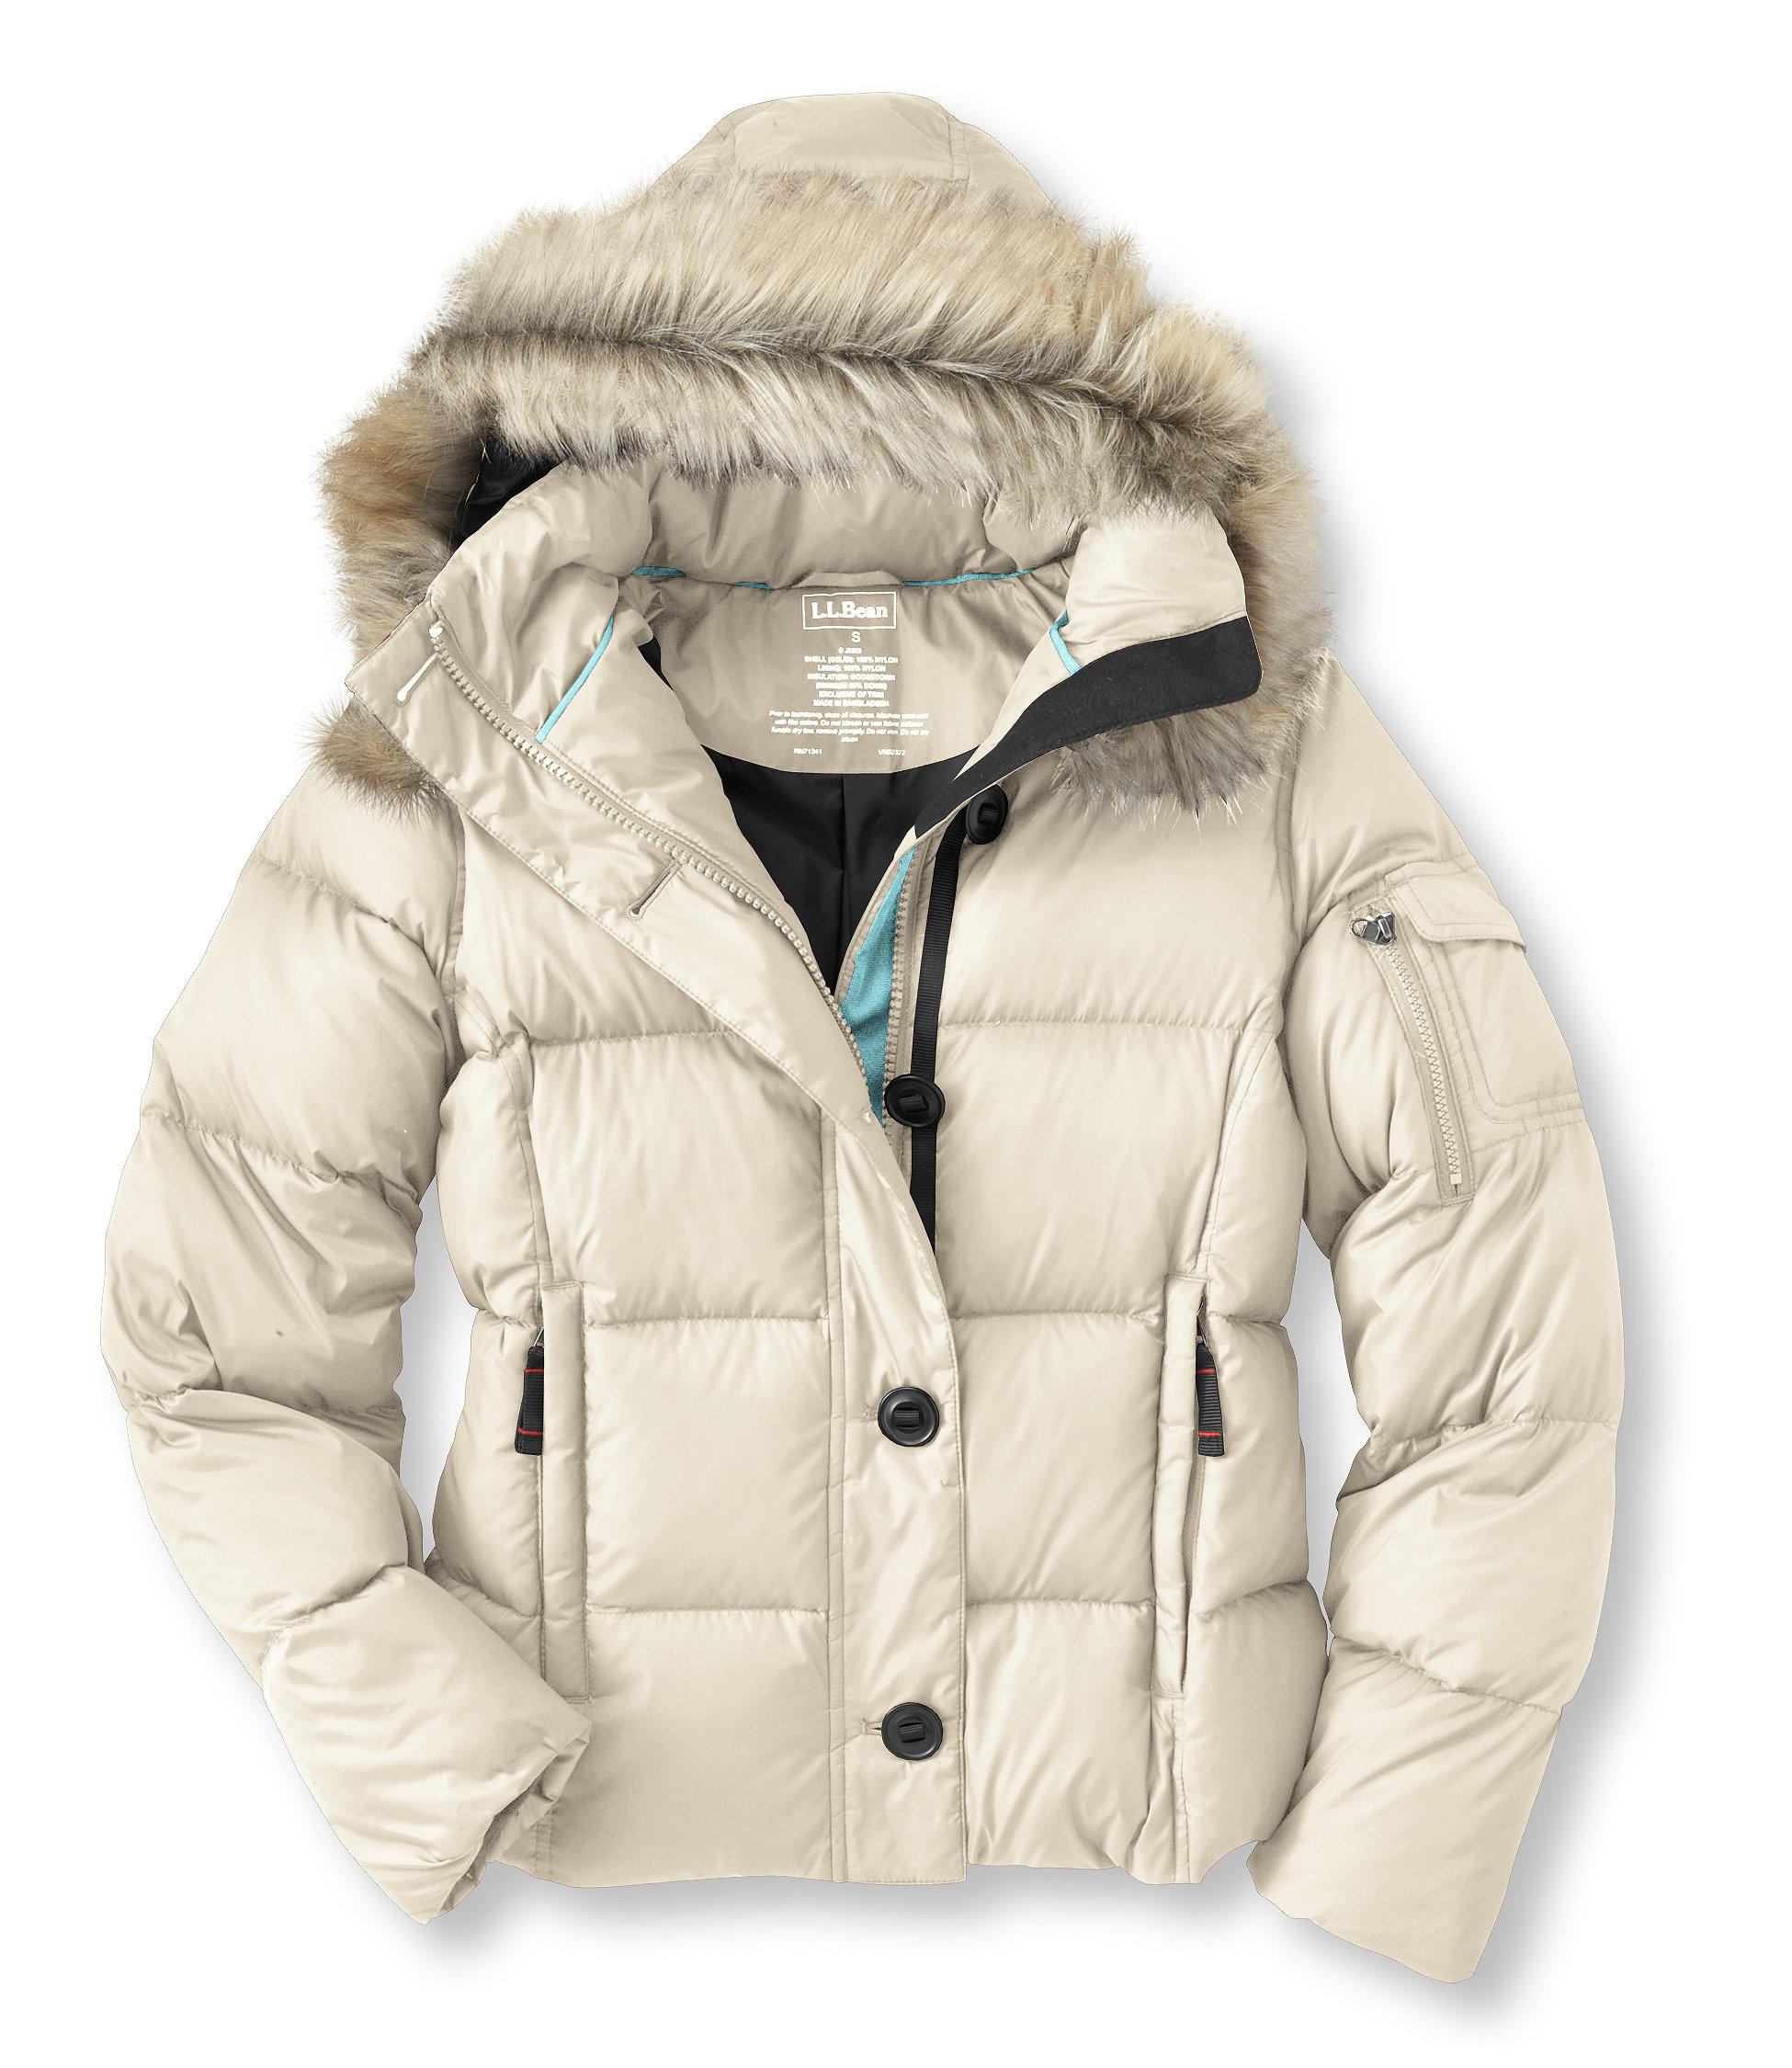 L.L.Bean Snowbell Jacket